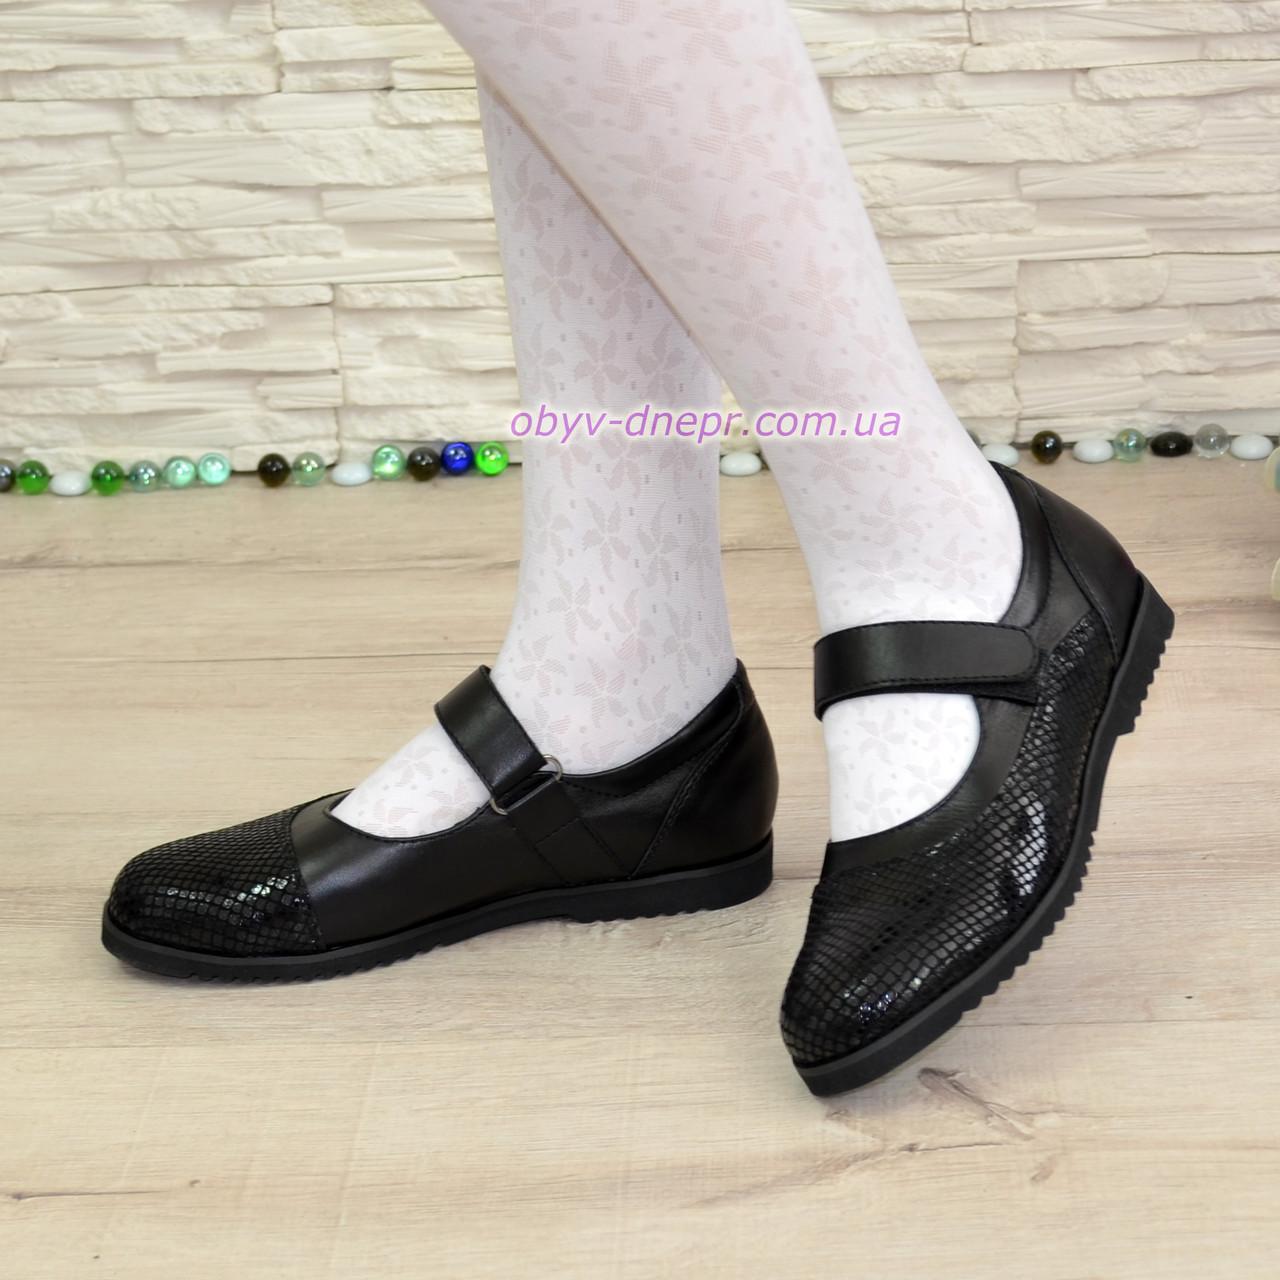 Красивые комбинированные туфли для девочки на липучке, фото 1